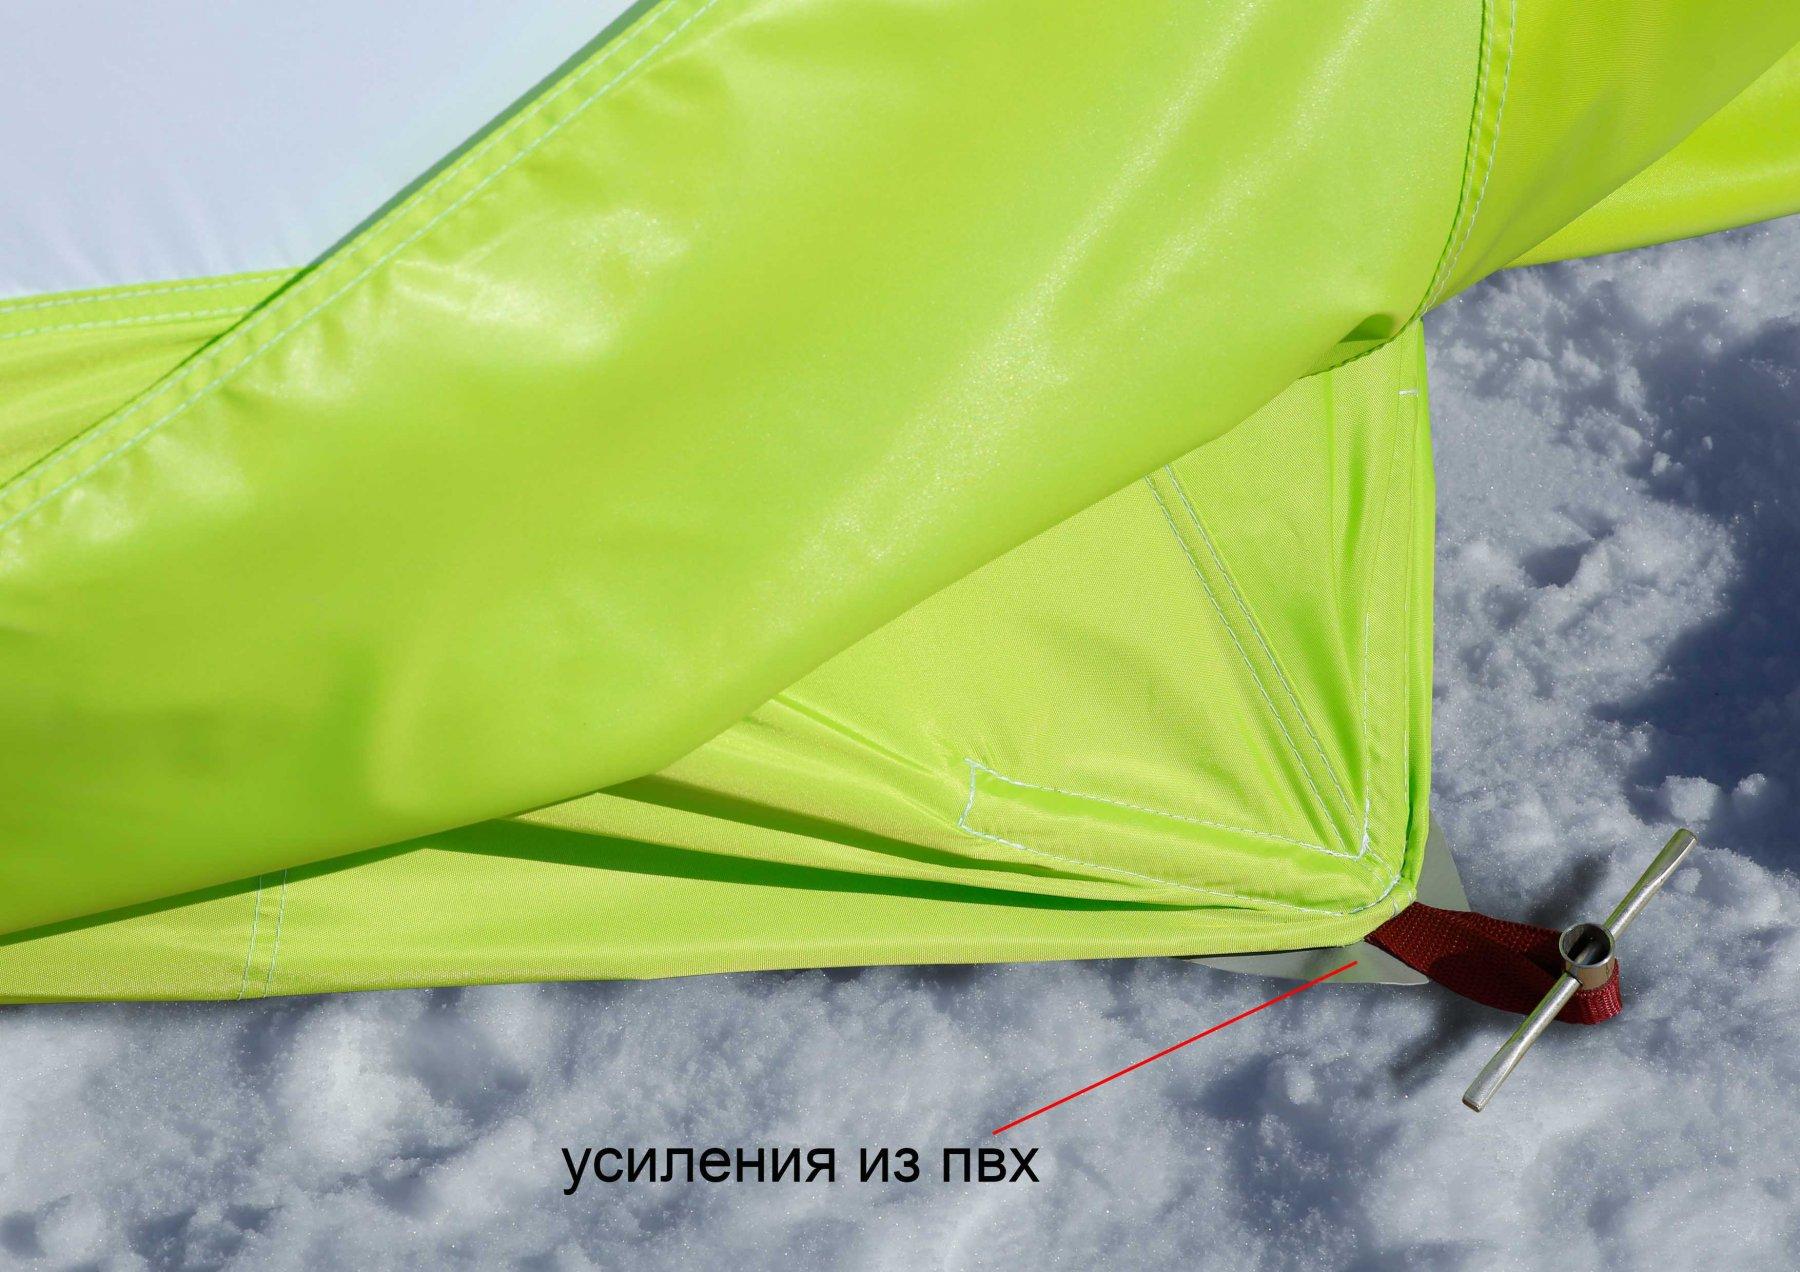 Зимняя палатка ЛОТОС Куб 4 Компакт (усиления из пвх)